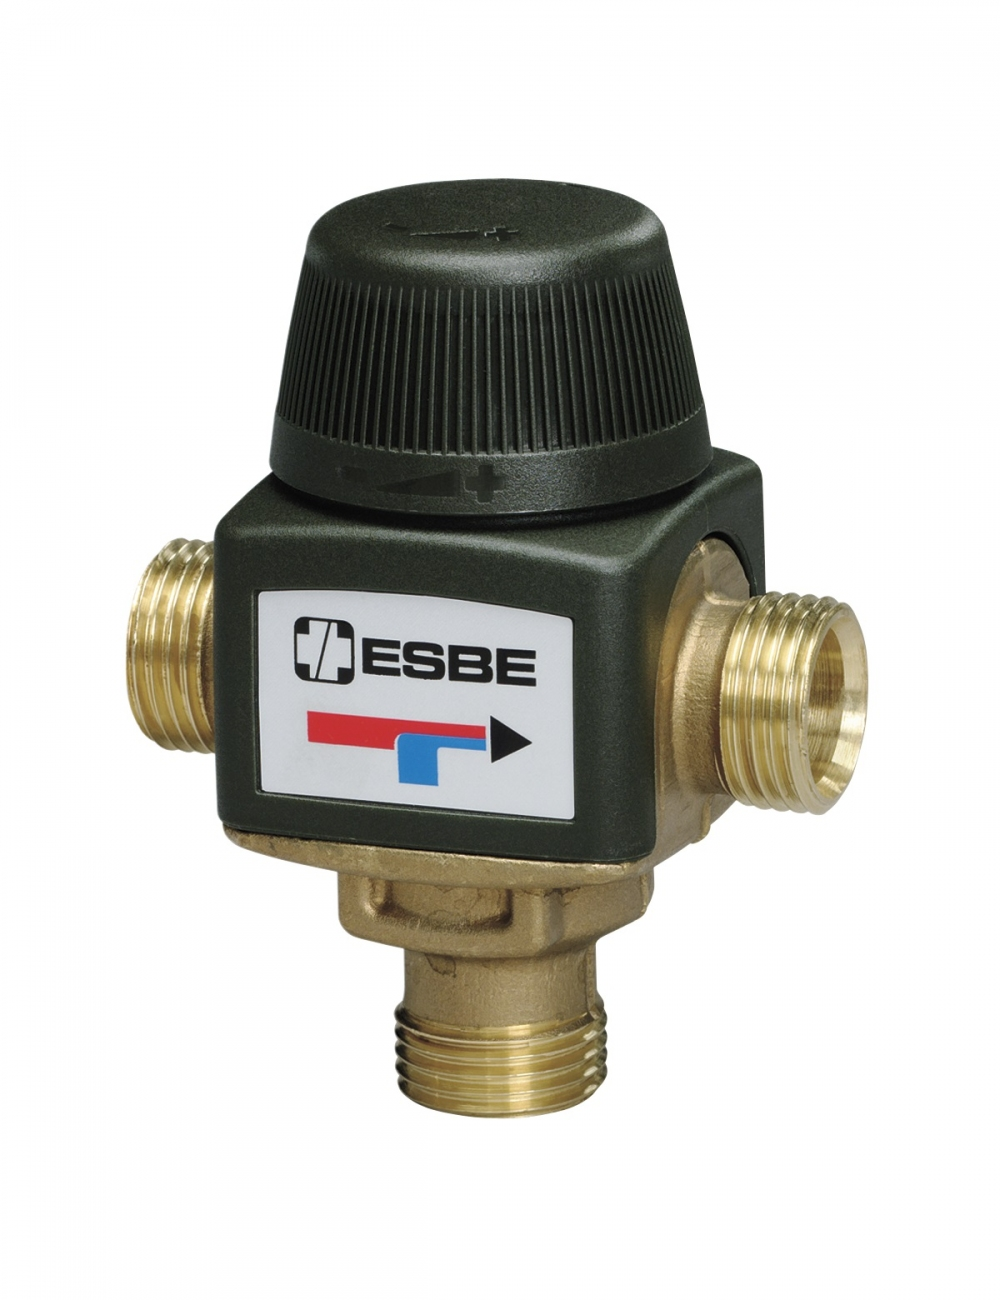 """Термостатический смесительный клапан 1/2"""" ESBE VTA312 для ГВС 35-60°C DN 15 Kvs 1,2 31050200 - 5"""